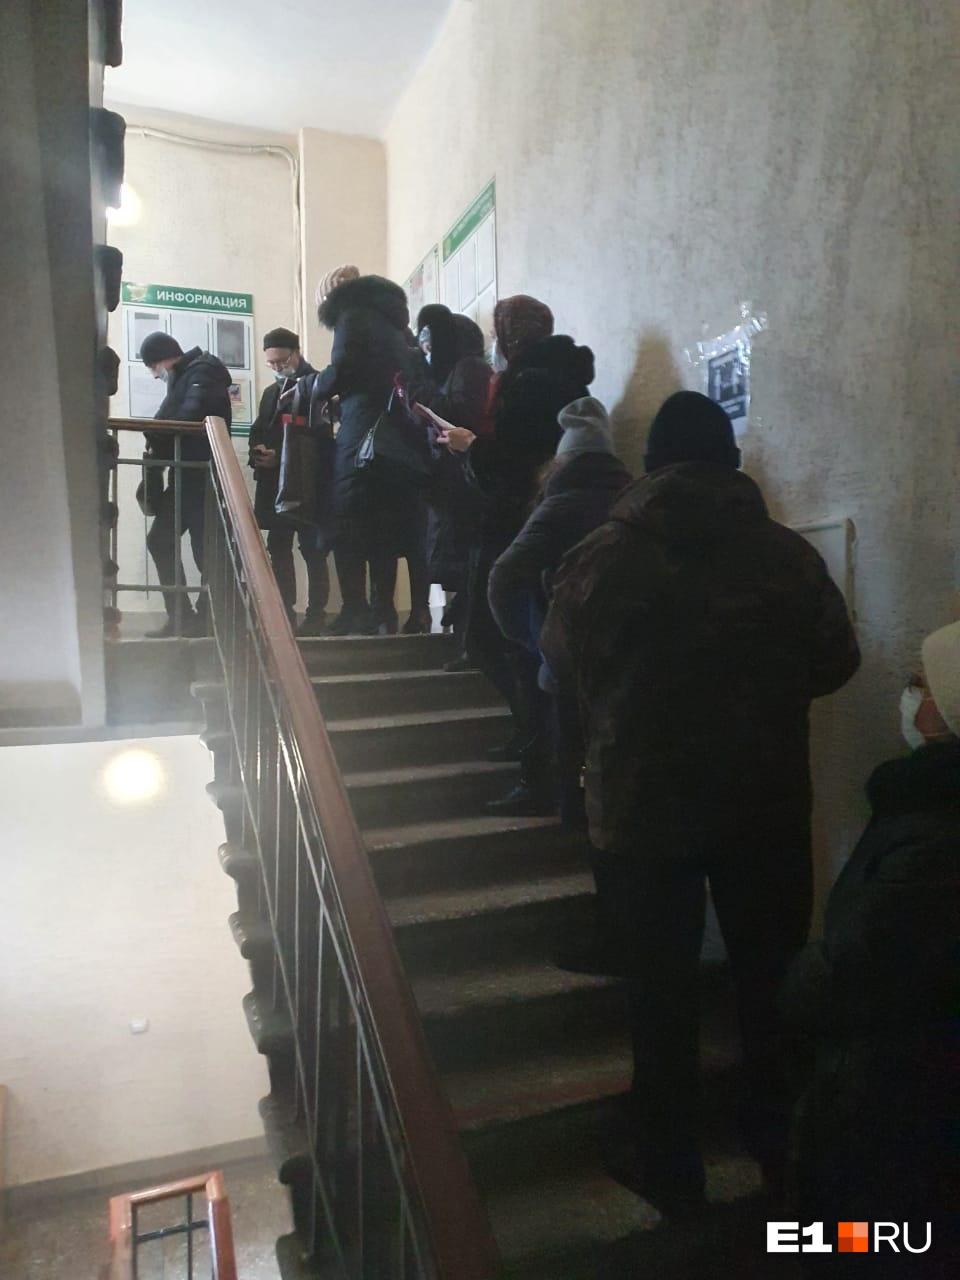 Часть людей ждала своей очереди в здании, другая — на улице